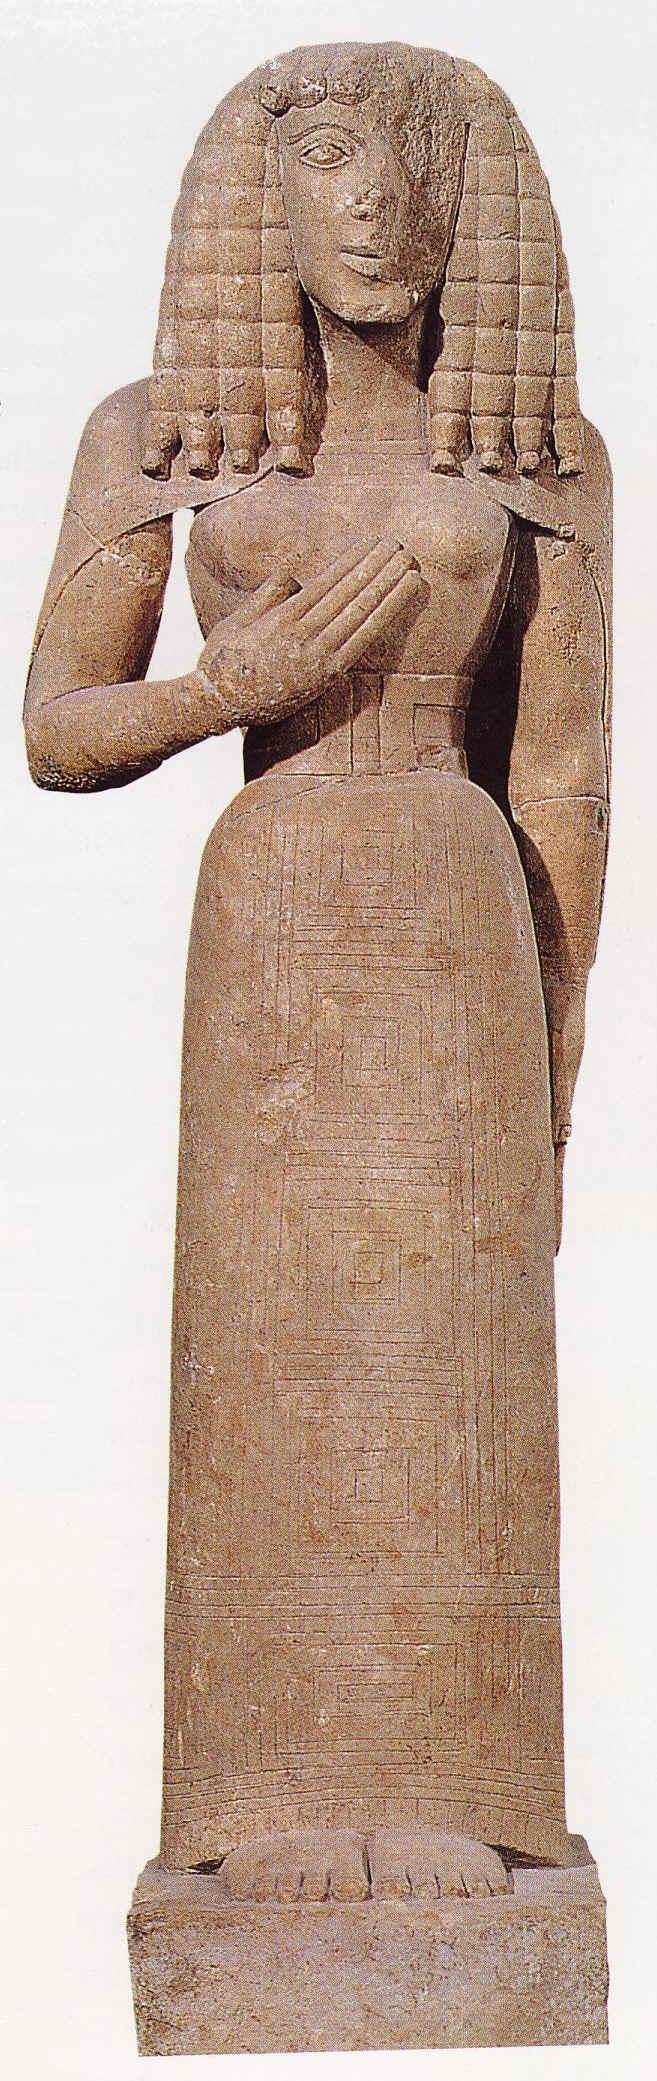 Dama Auxerre Autor: desconocido Fecha:siglo VII a.C . Estilo:arte griego arcaico. He elegido esta obra por su solemnidad, majestuacidad y por su peinado de trenzas gruesas en pesada caida, todas ellas características de la escultura arcaica.